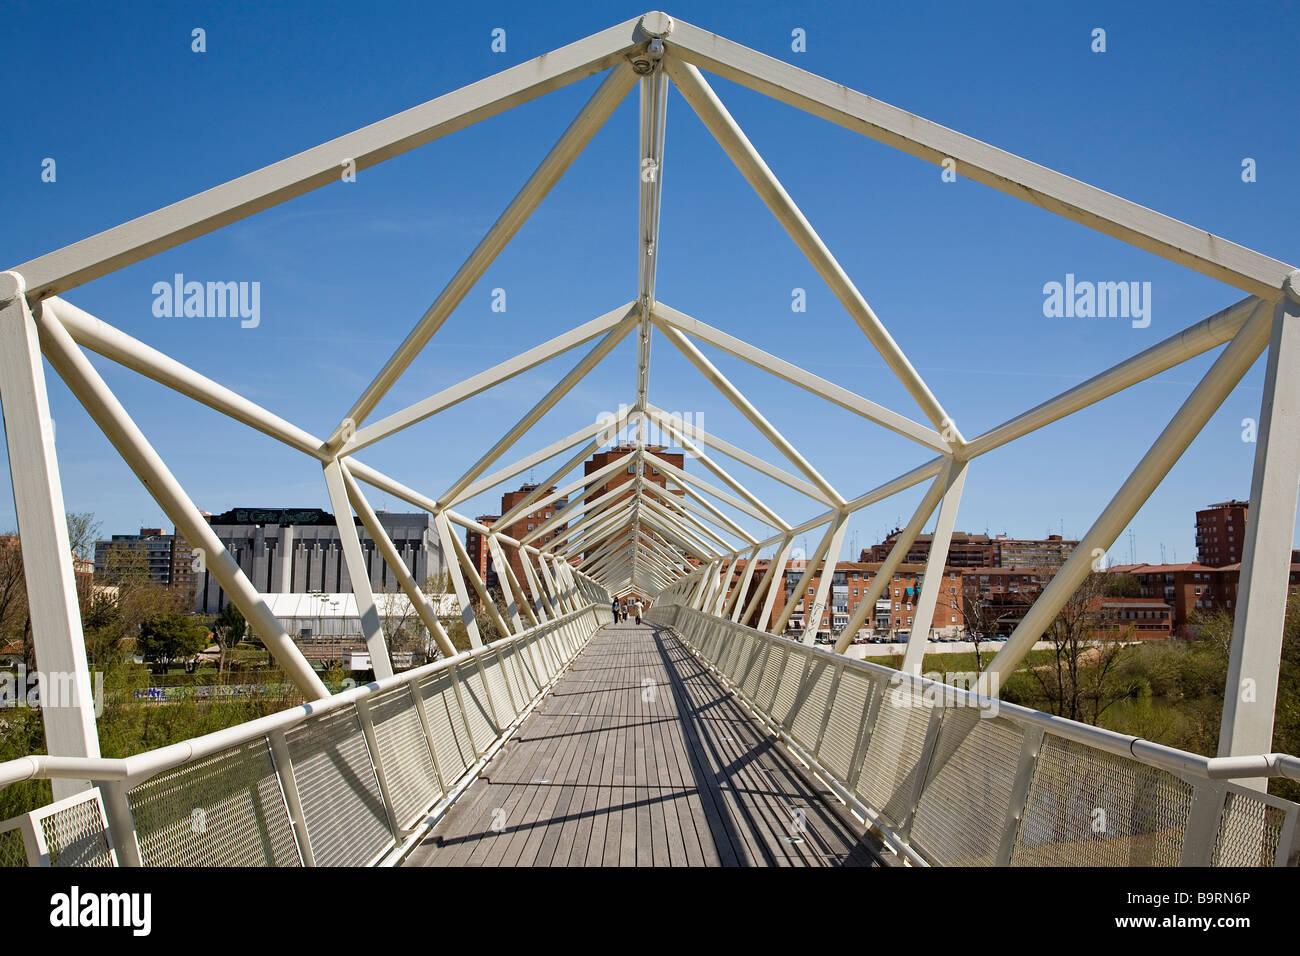 Pasarela del Museo de la Ciencia Valladolid Castilla Leon España Bridge of the Science Museum Valladolid Castilla - Stock Image